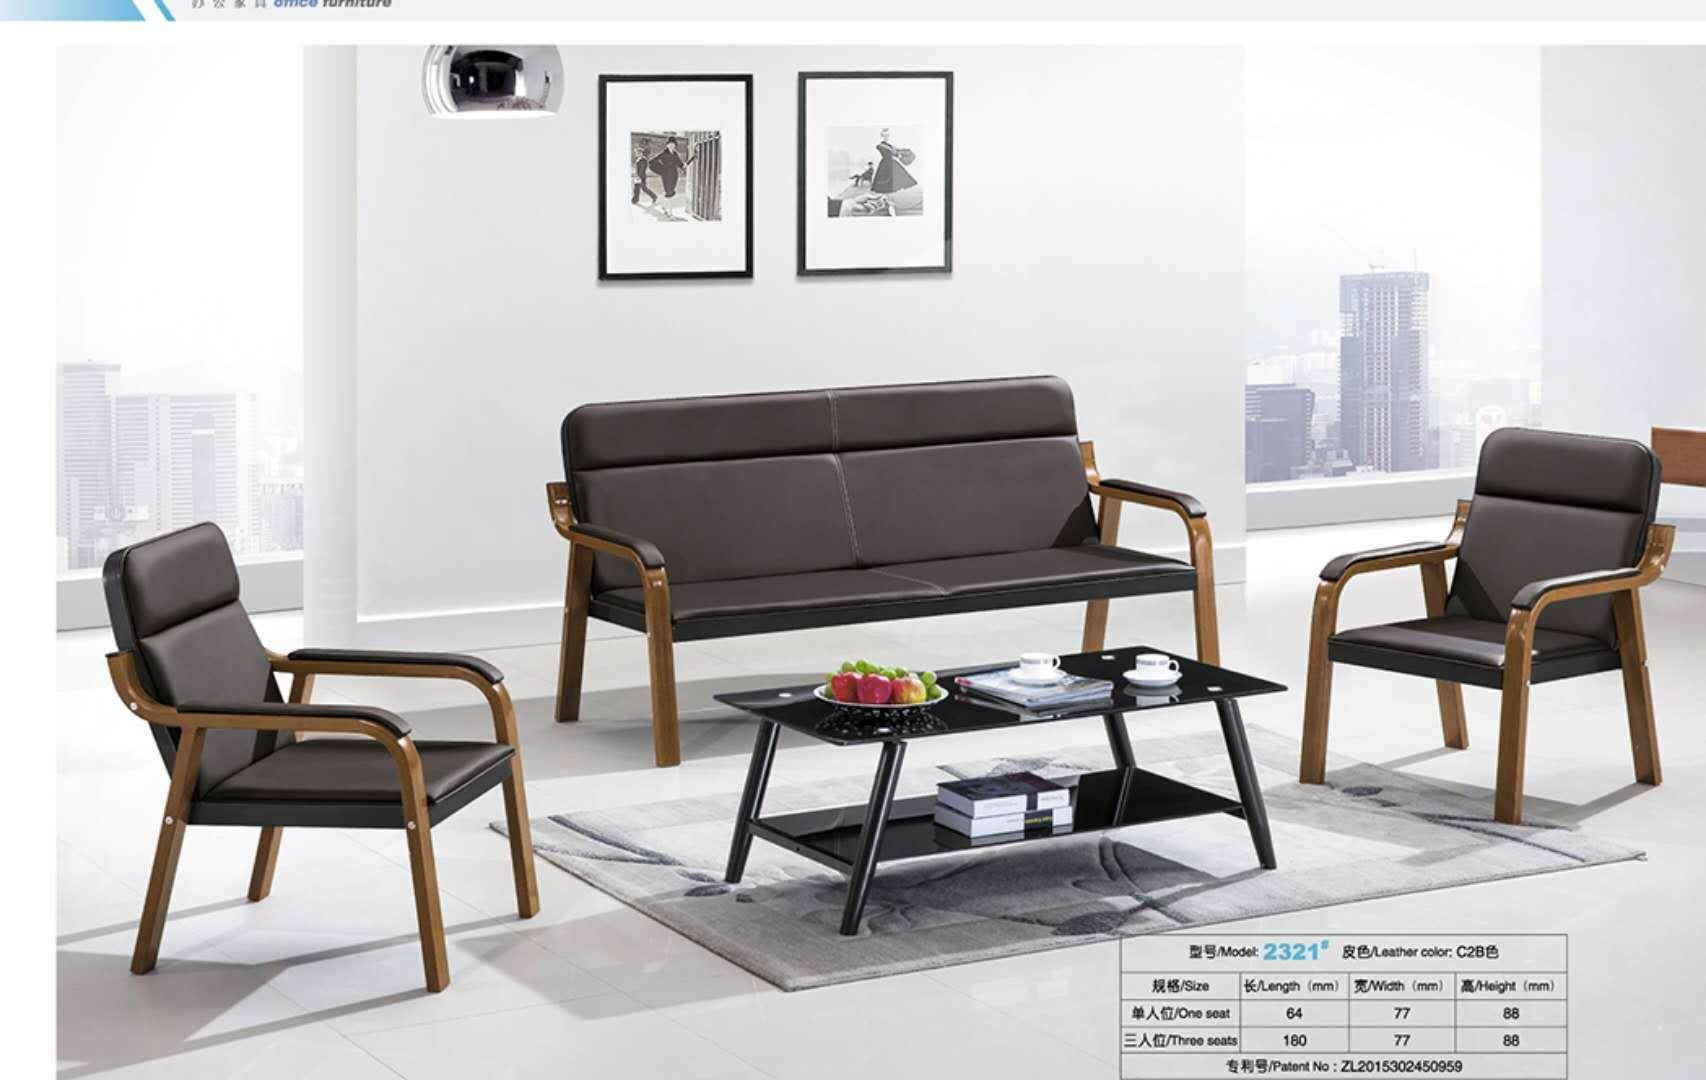 Modernes Buro Sofa Mit Kurbelgehause Beluftung Gepolstert Und